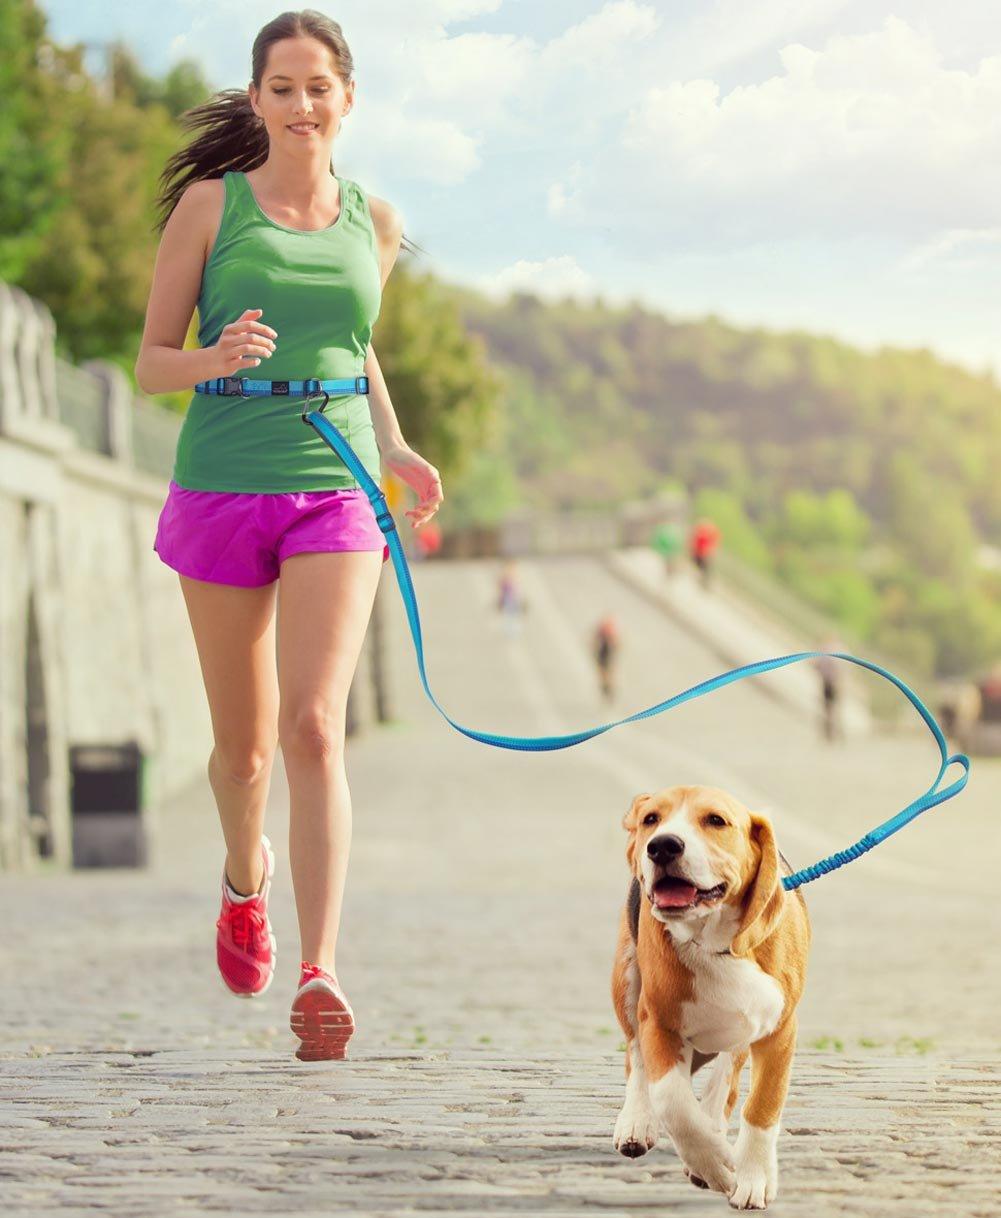 PETBABA Laisse Chien Mains Libres, 86cm Longue Réglable Réfléchissant Élastique Jogging Courir Laisse de Dressage pour Chien en Noir